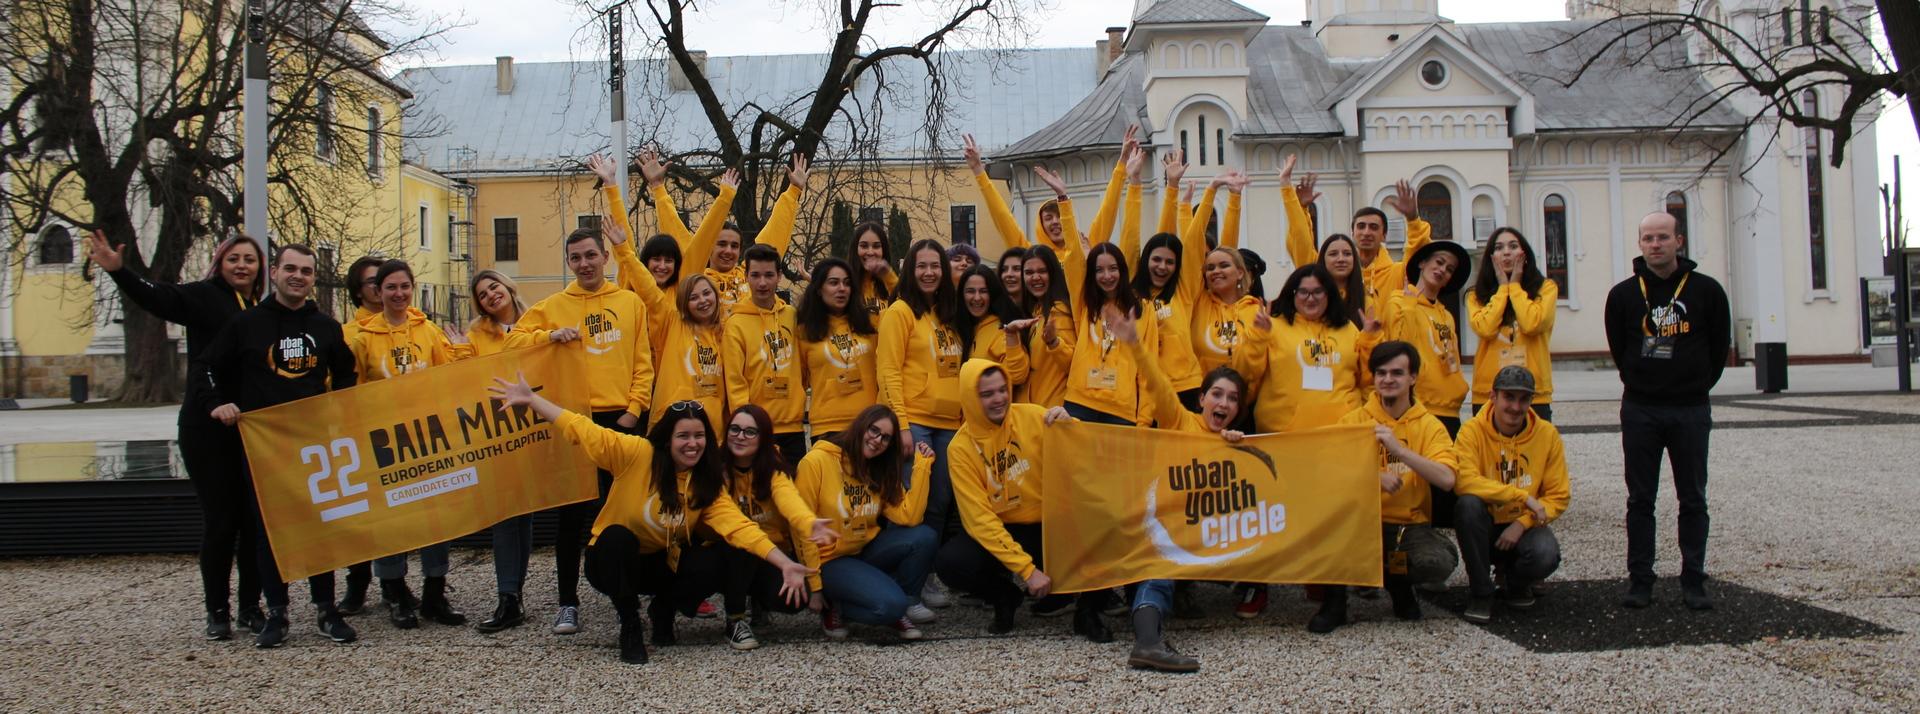 Baia Mare a intrat în finala pentru titlul de Capitala Europeană a Tineretului 2022